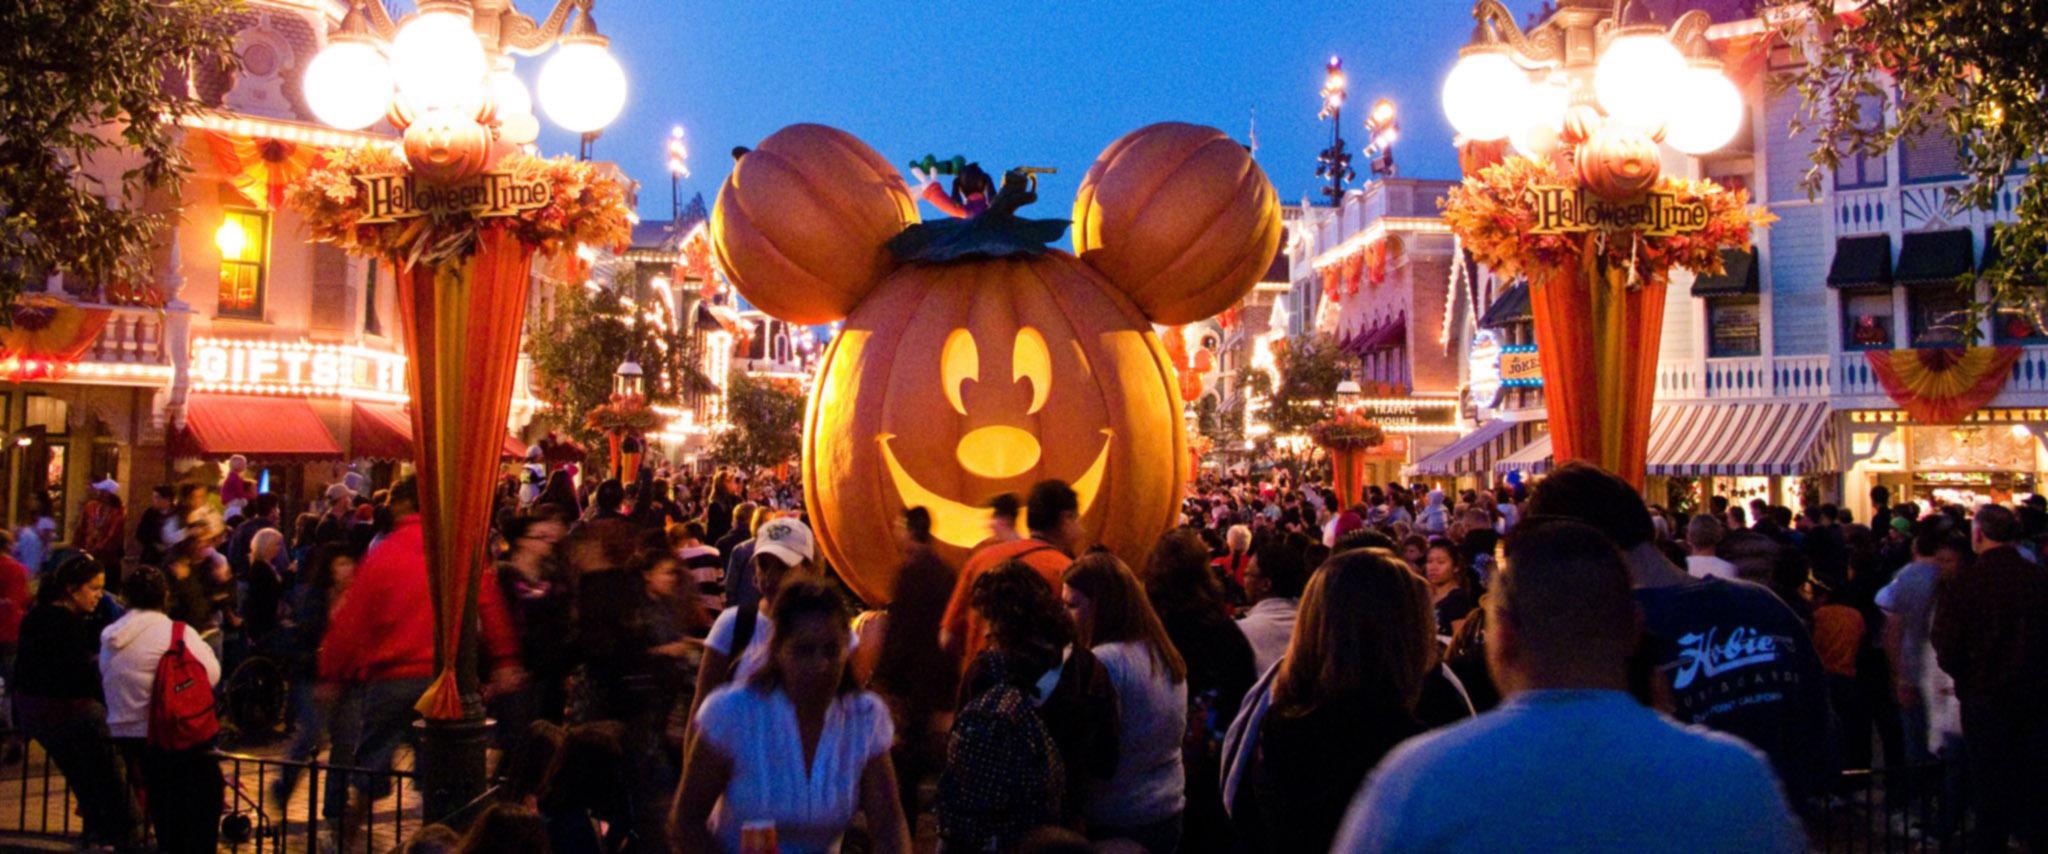 Disneyland-Halloween-Family-Suites